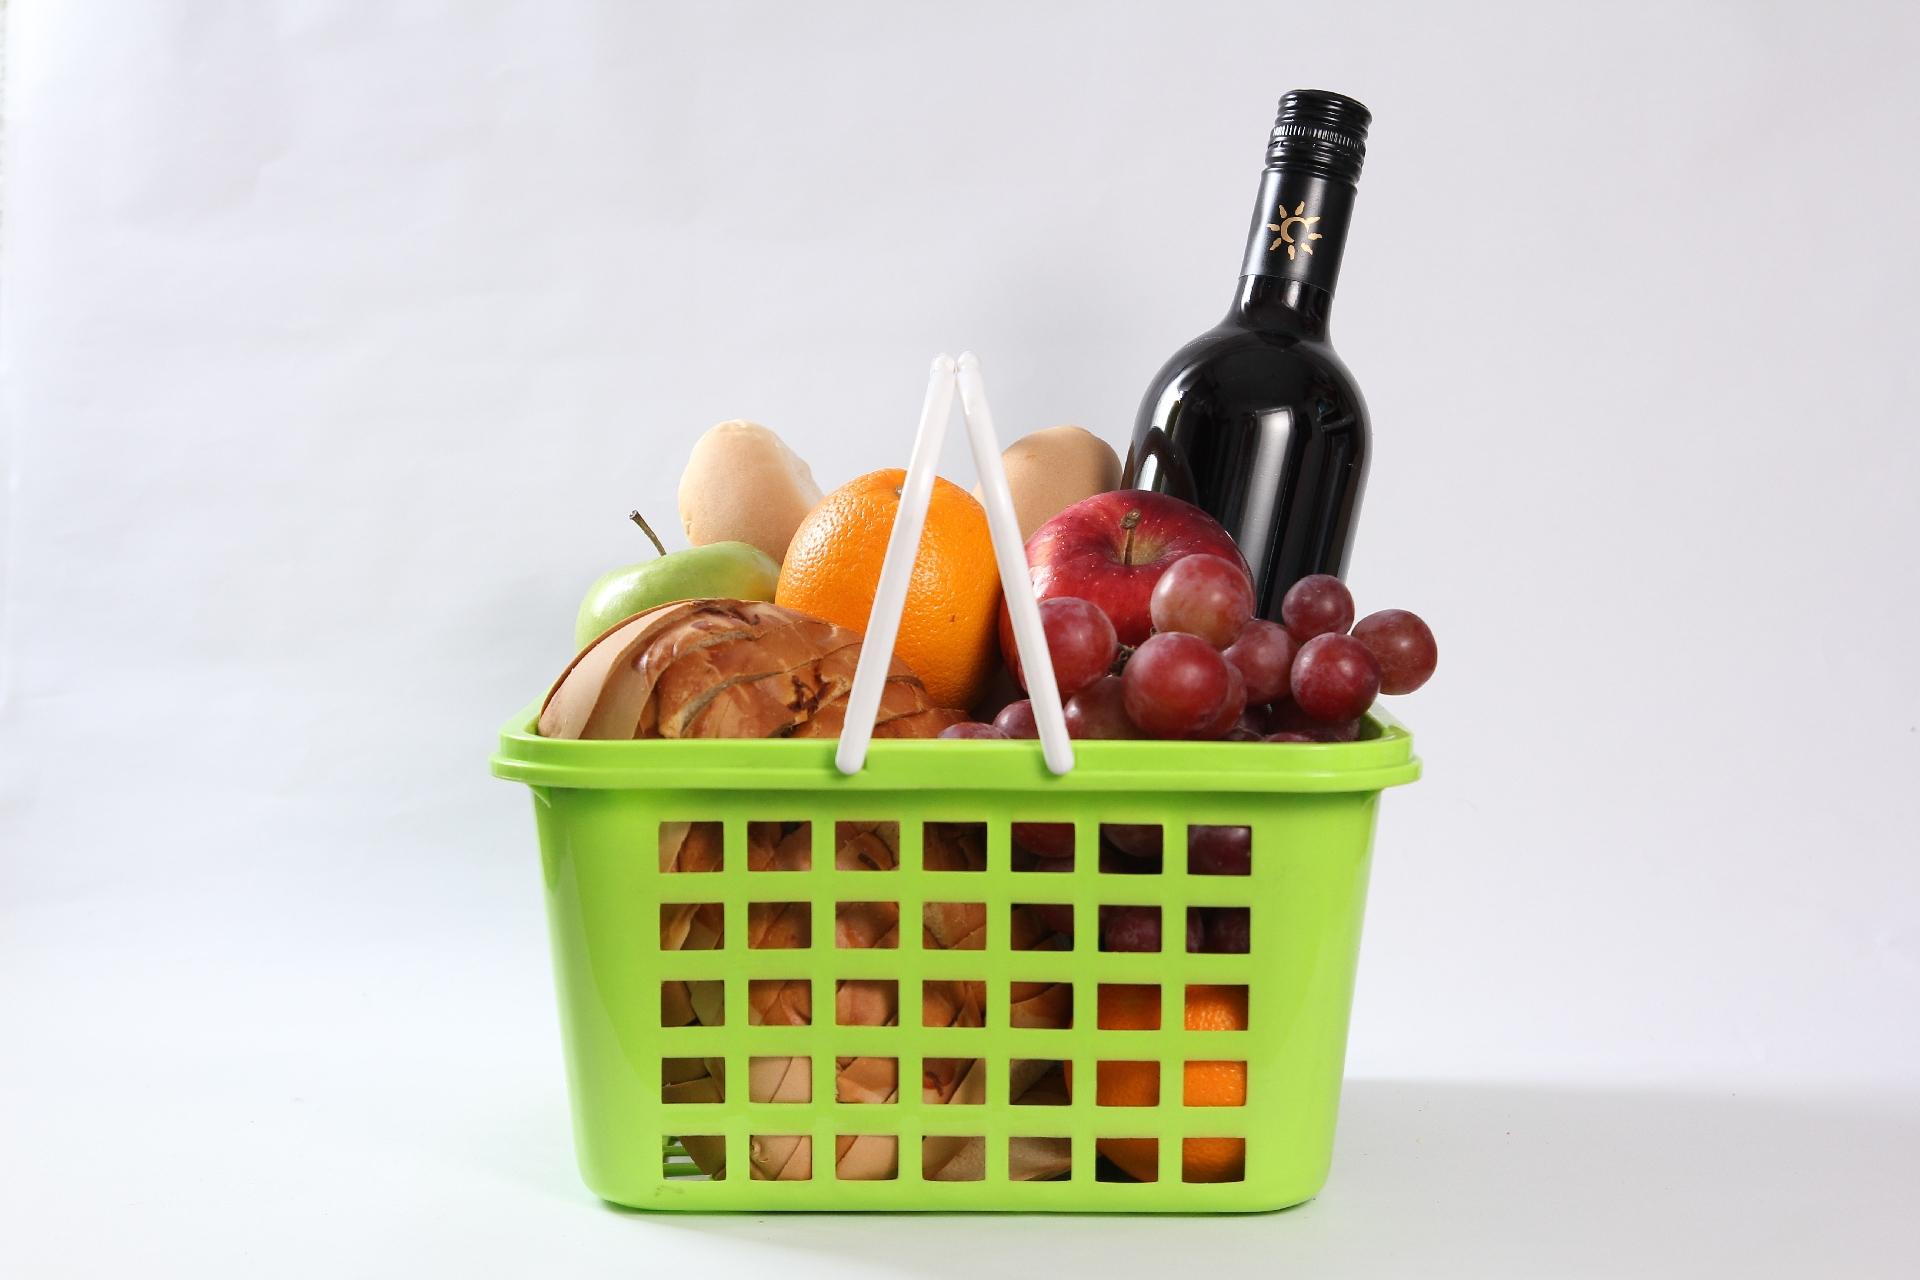 株式会社モンテローザが食品限定のECモールを開始予定